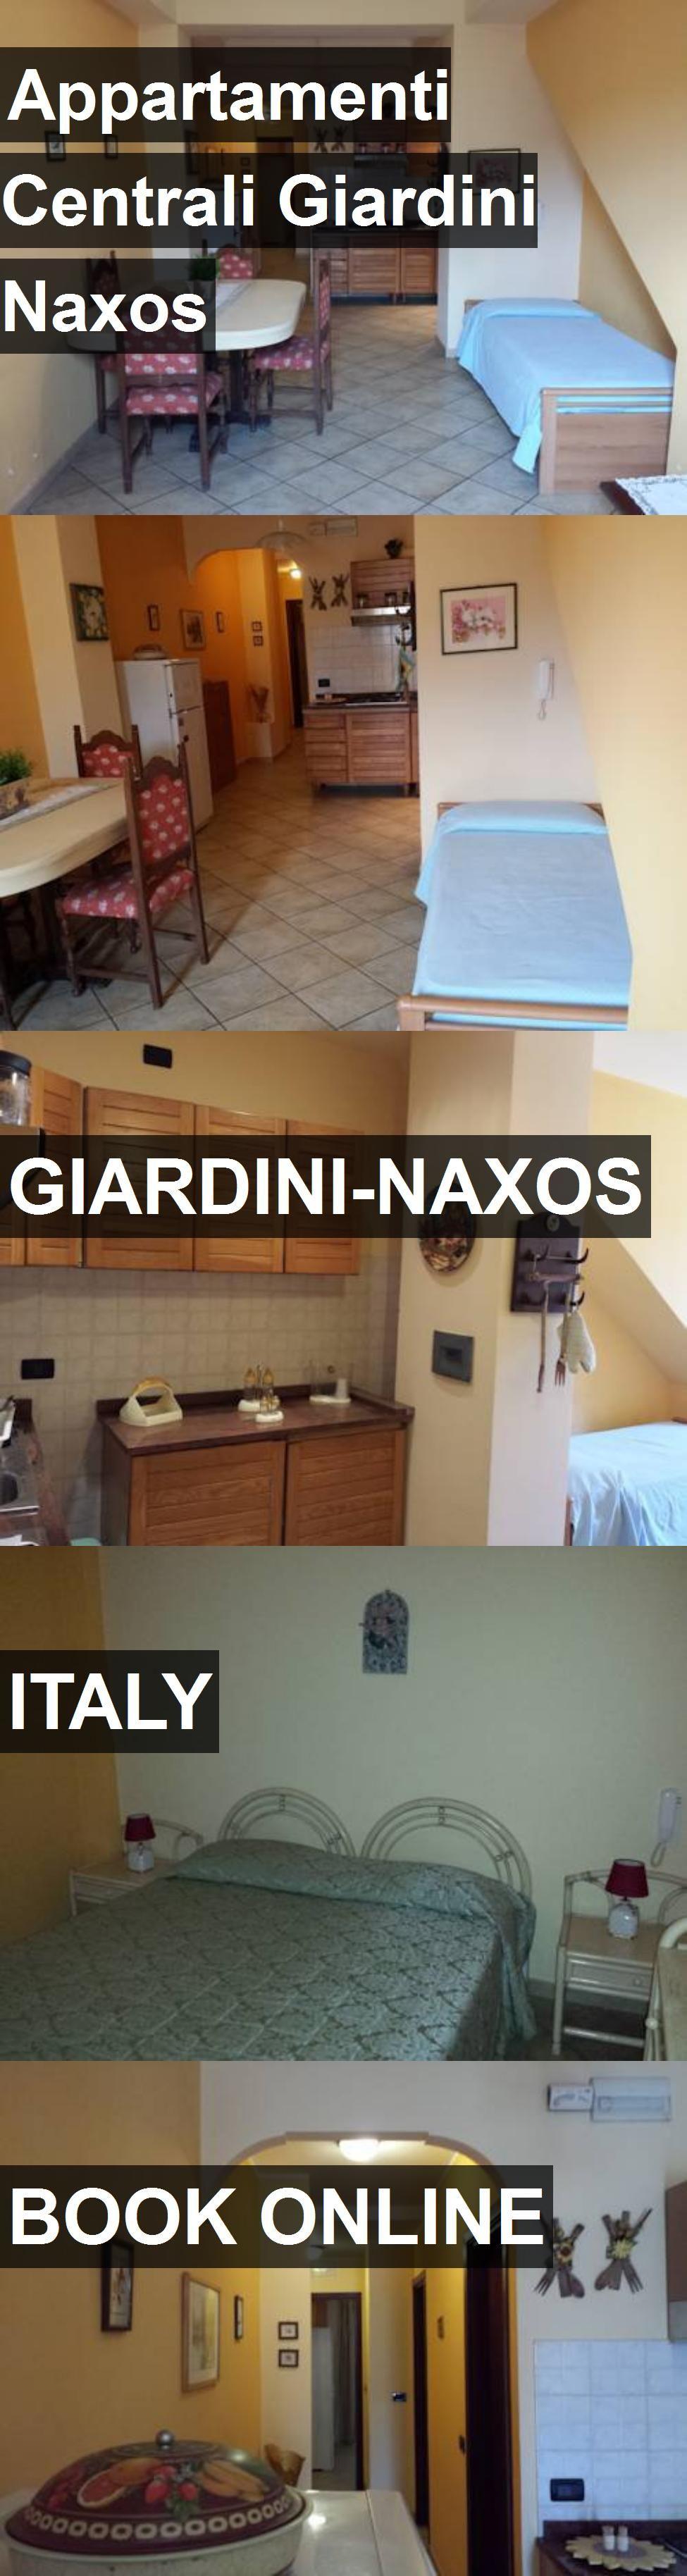 Hotel Appartamenti Centrali Giardini Naxos in Giardini